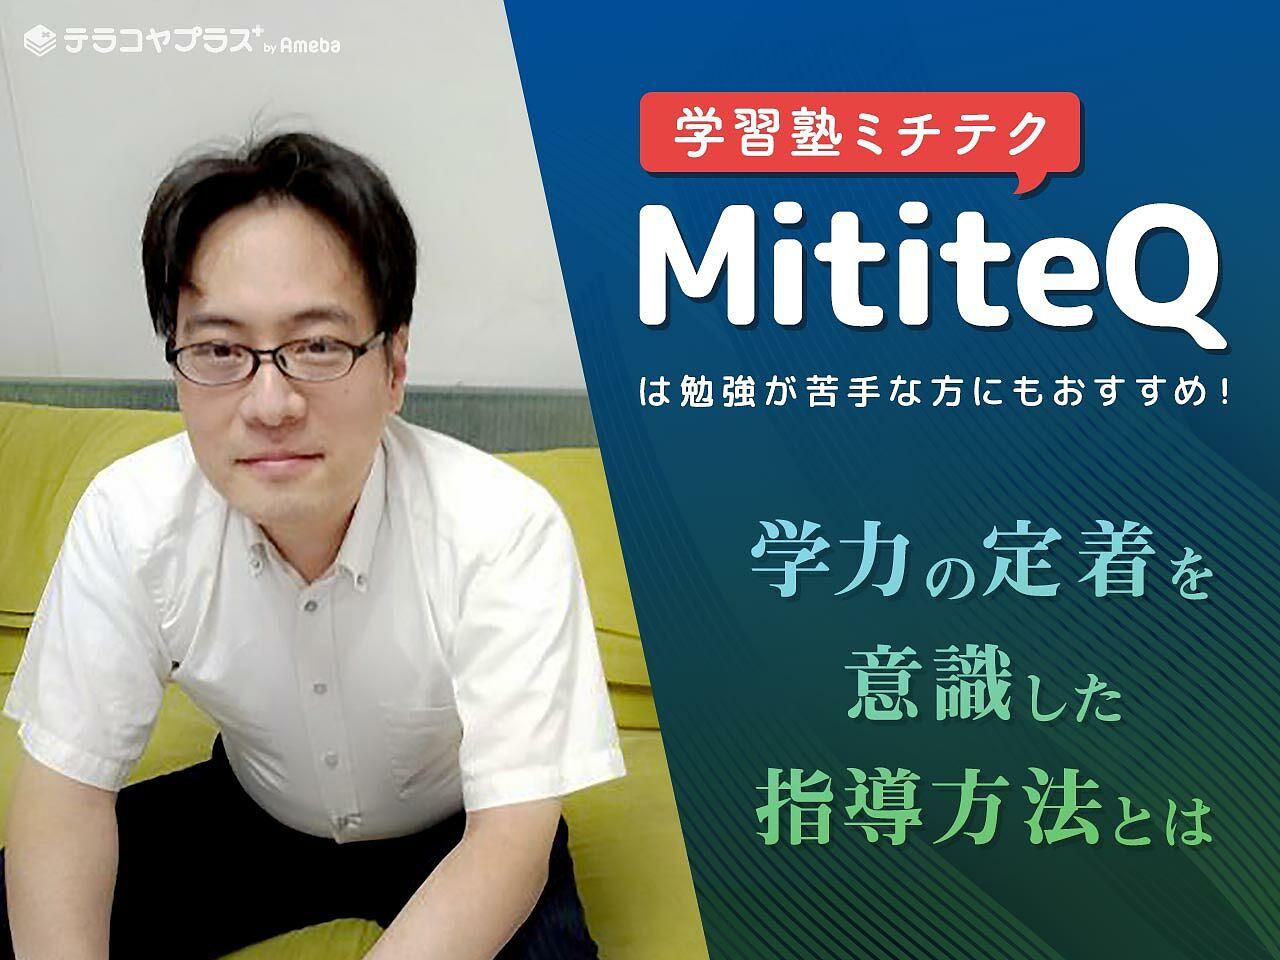 「学習塾MititeQ(ミチテク)」は勉強が苦手な方にもおすすめ!学力の定着を意識した指導方法とはの画像